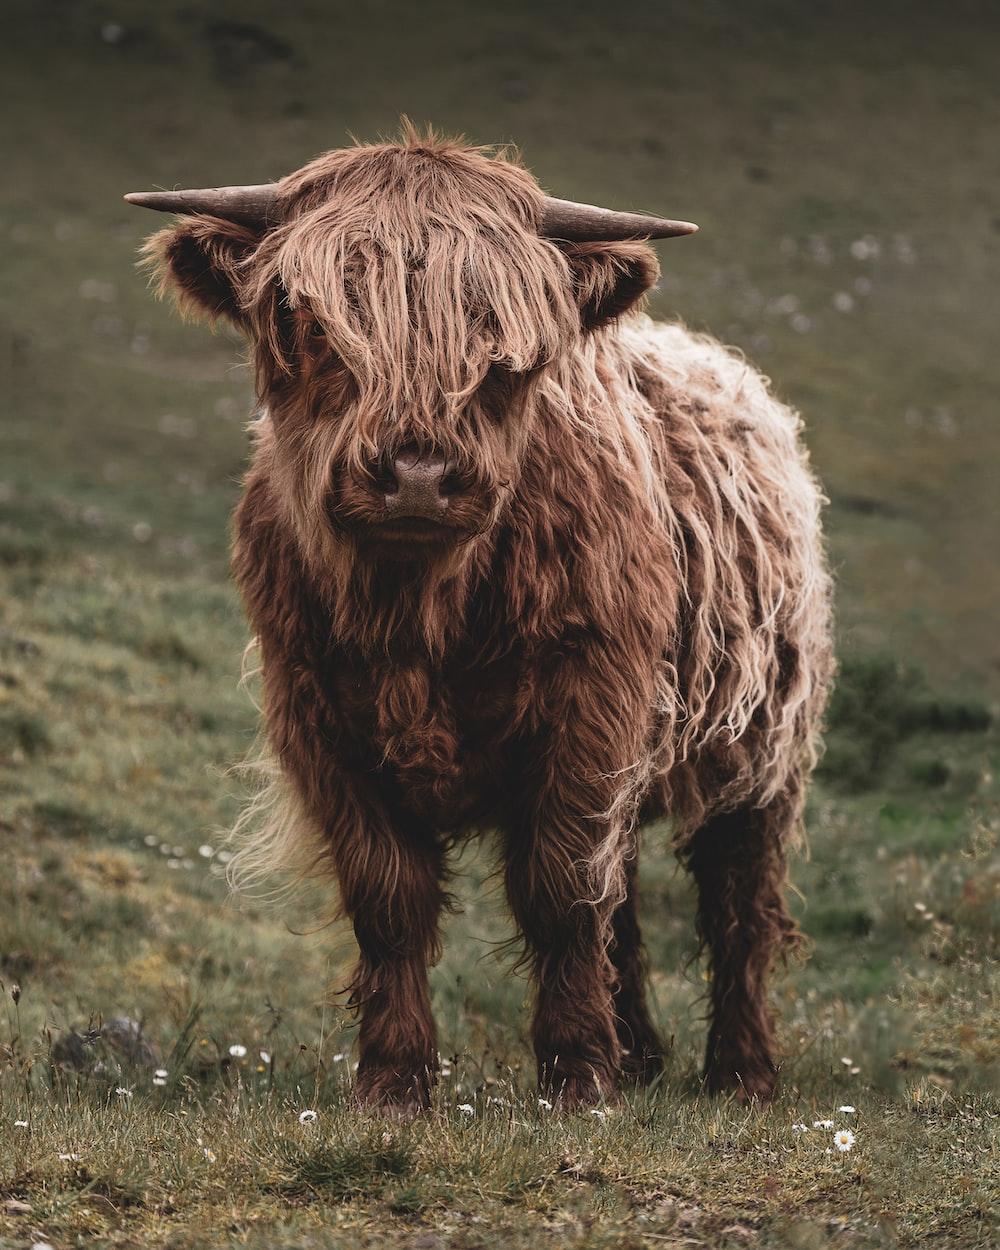 brown bison on grass field